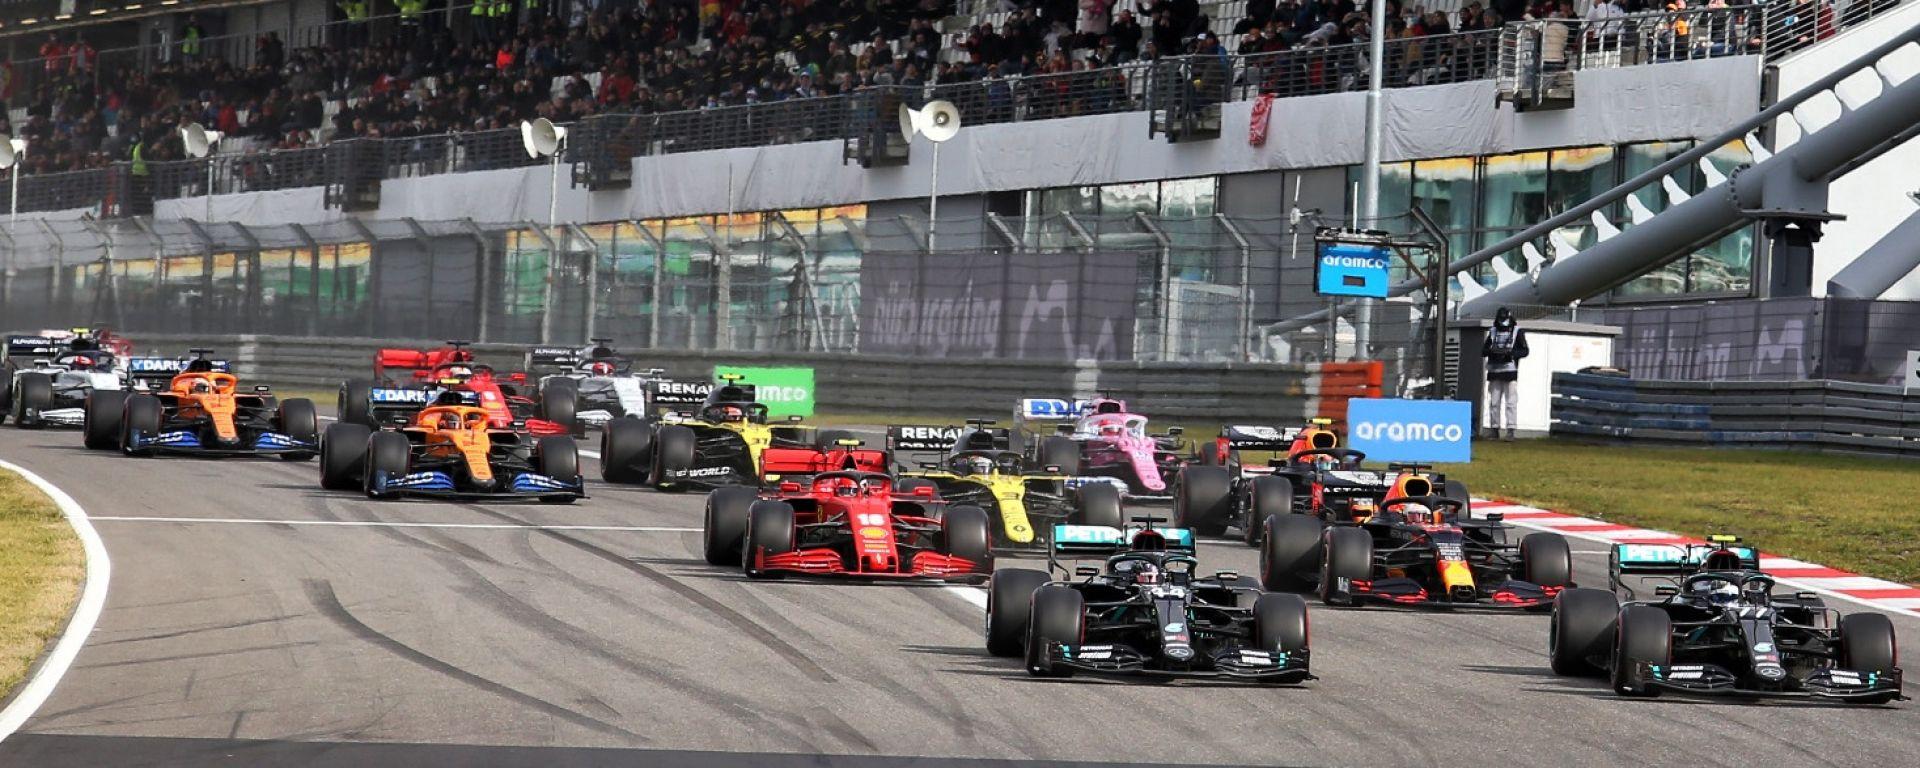 GP Eifel 2020, Nurburgring, la partenza